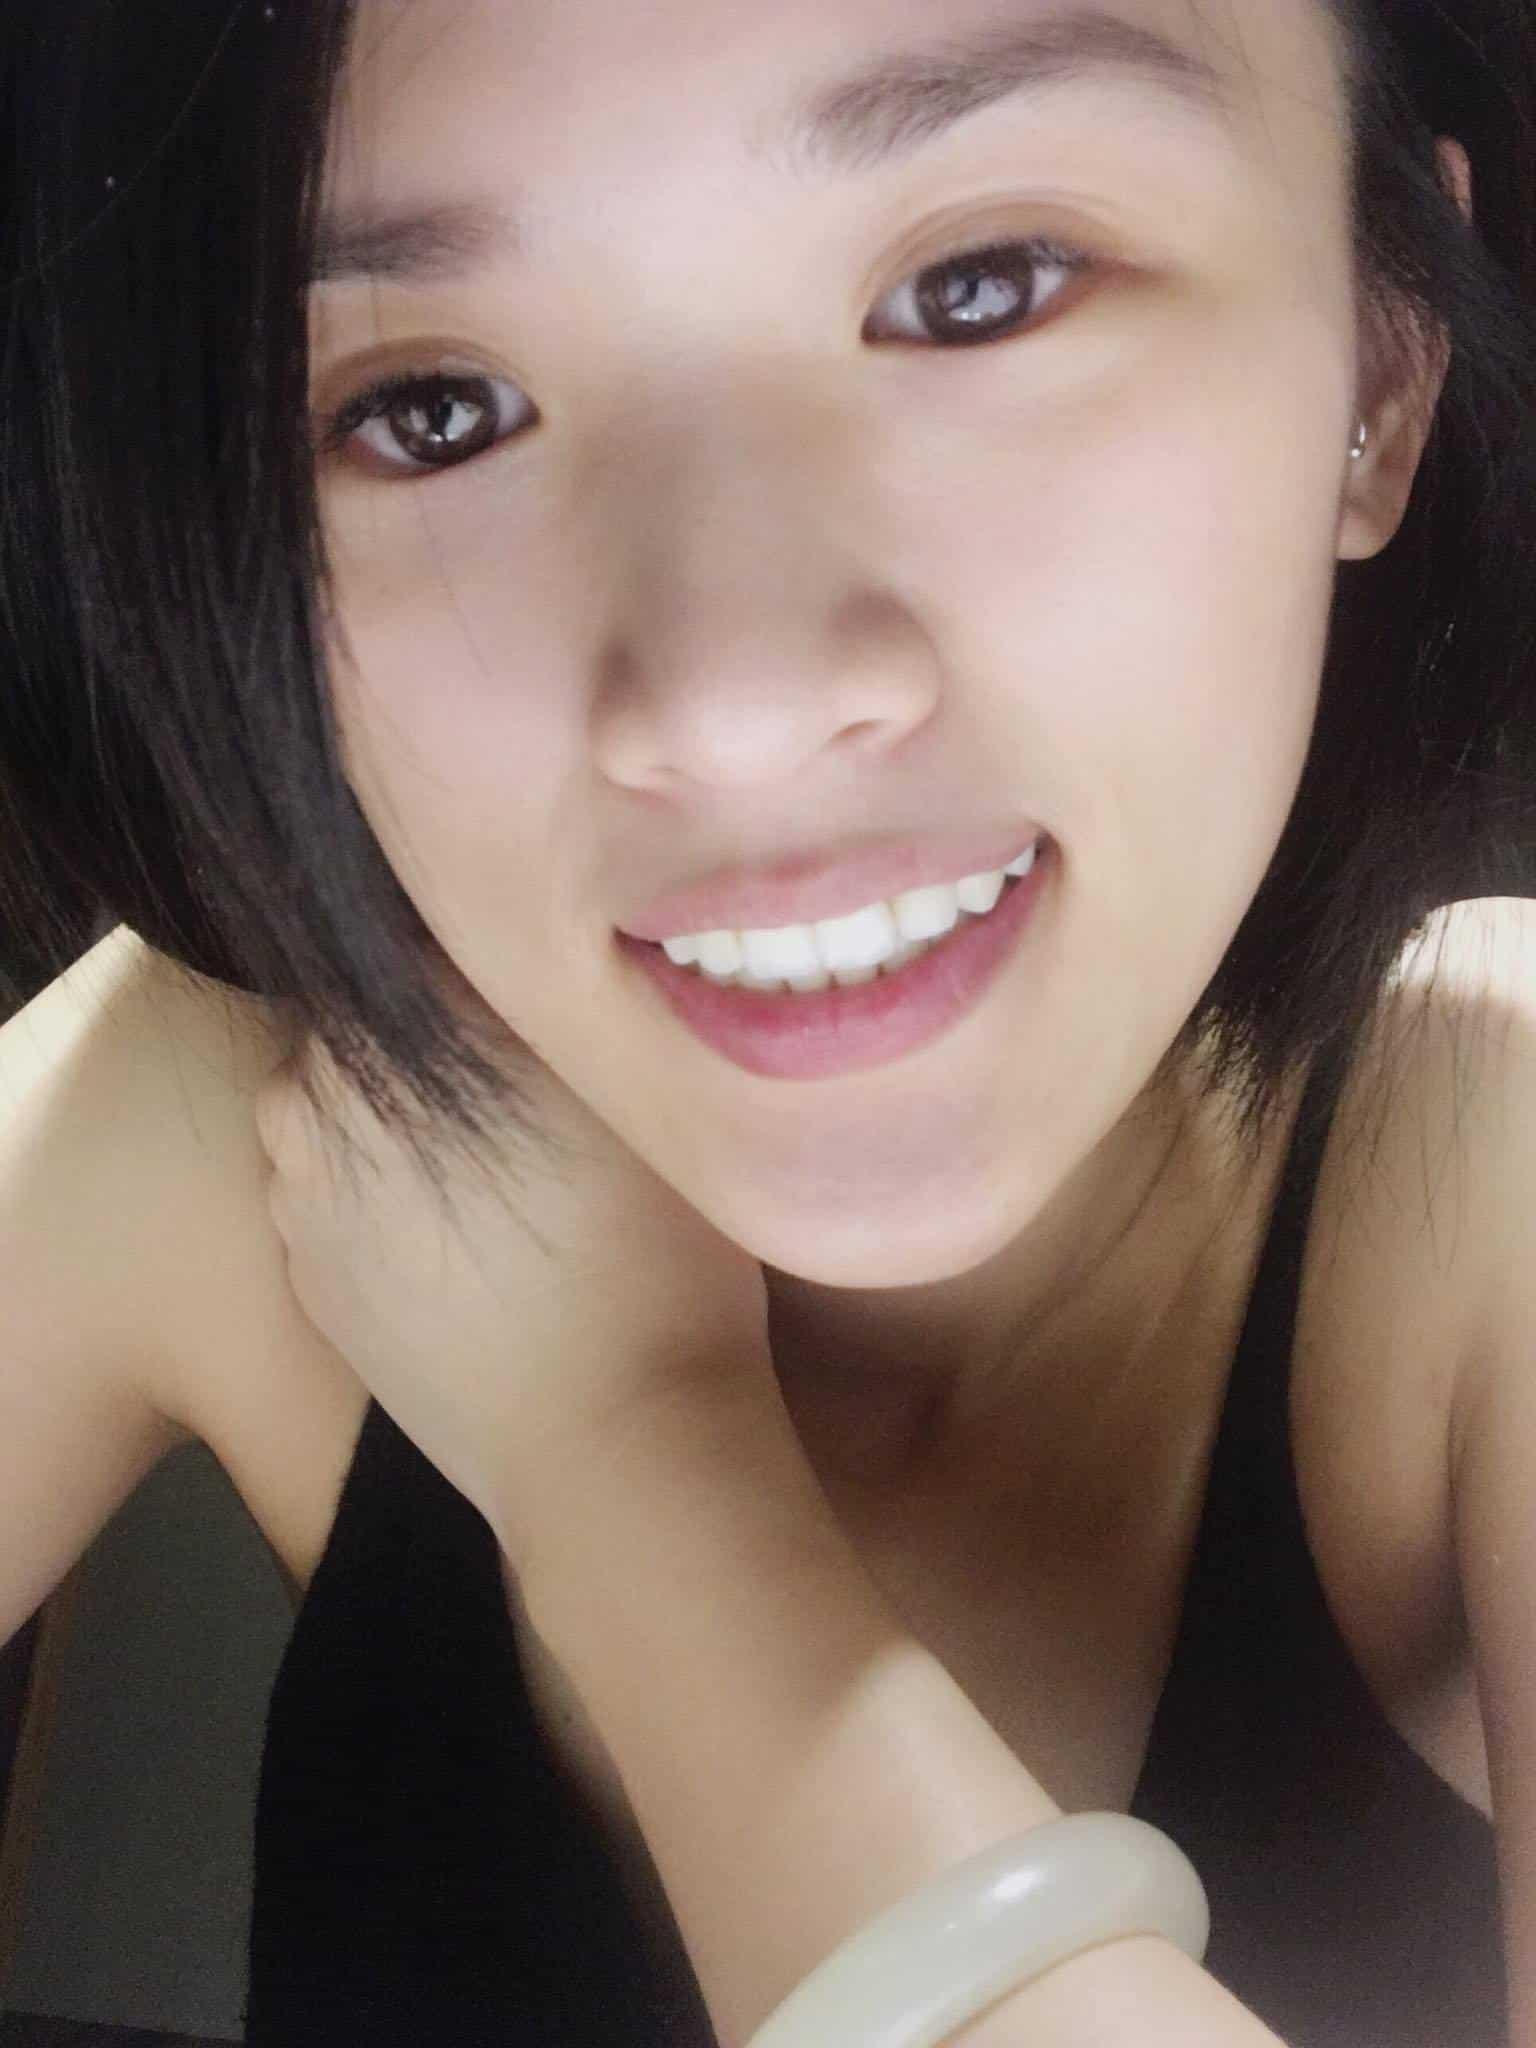 Fion-Chiang的愛美無極限-整理牙齒門面紀錄牙齒微笑縣、牙齒美白、全瓷冠的牙齒